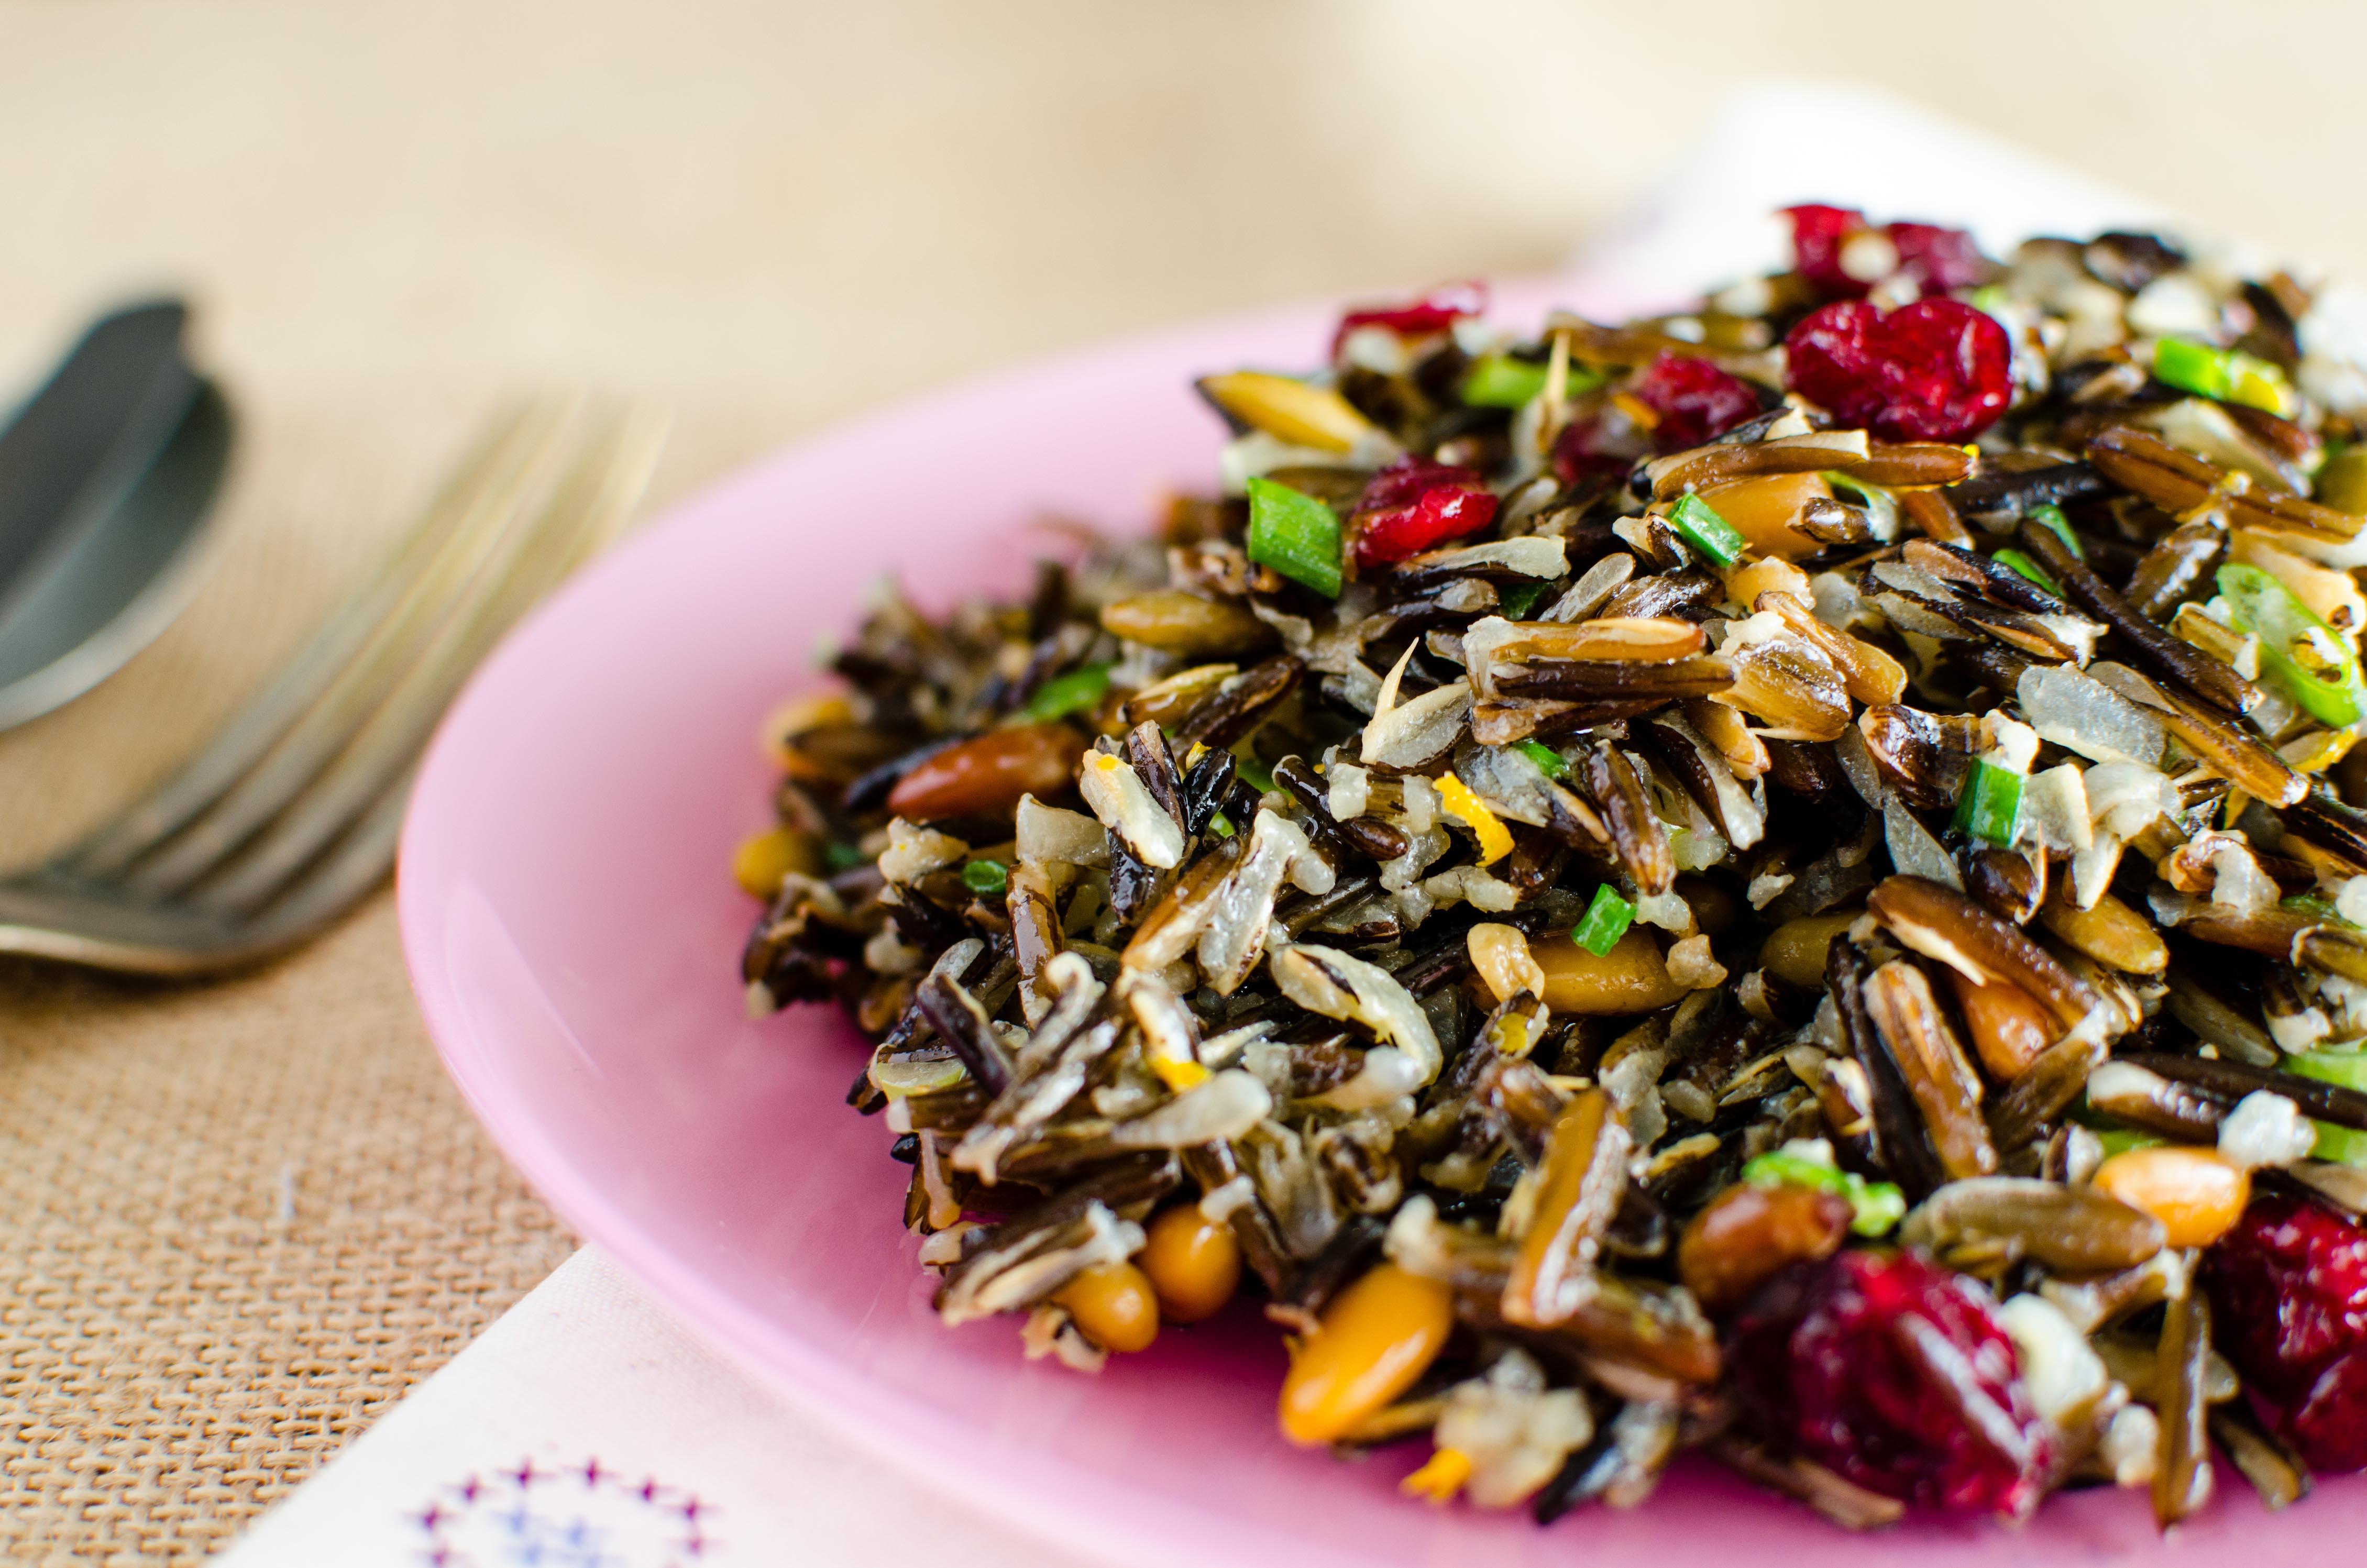 A legjobb gluténmentes és diétás köretek 5. rész – rizs, ami mégsem az